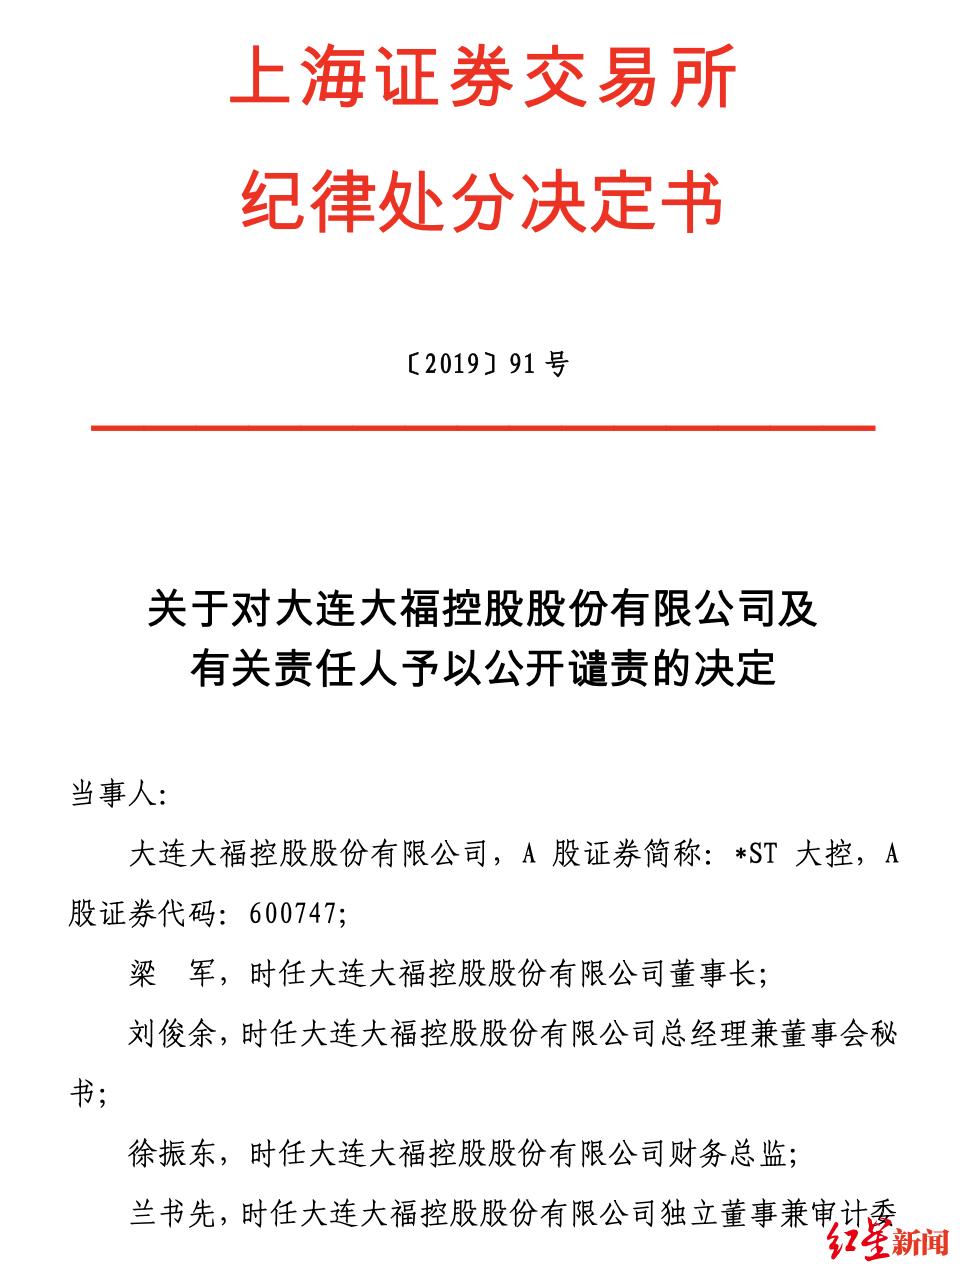 上交所公开谴责*ST大控有关责任人信息披露违规